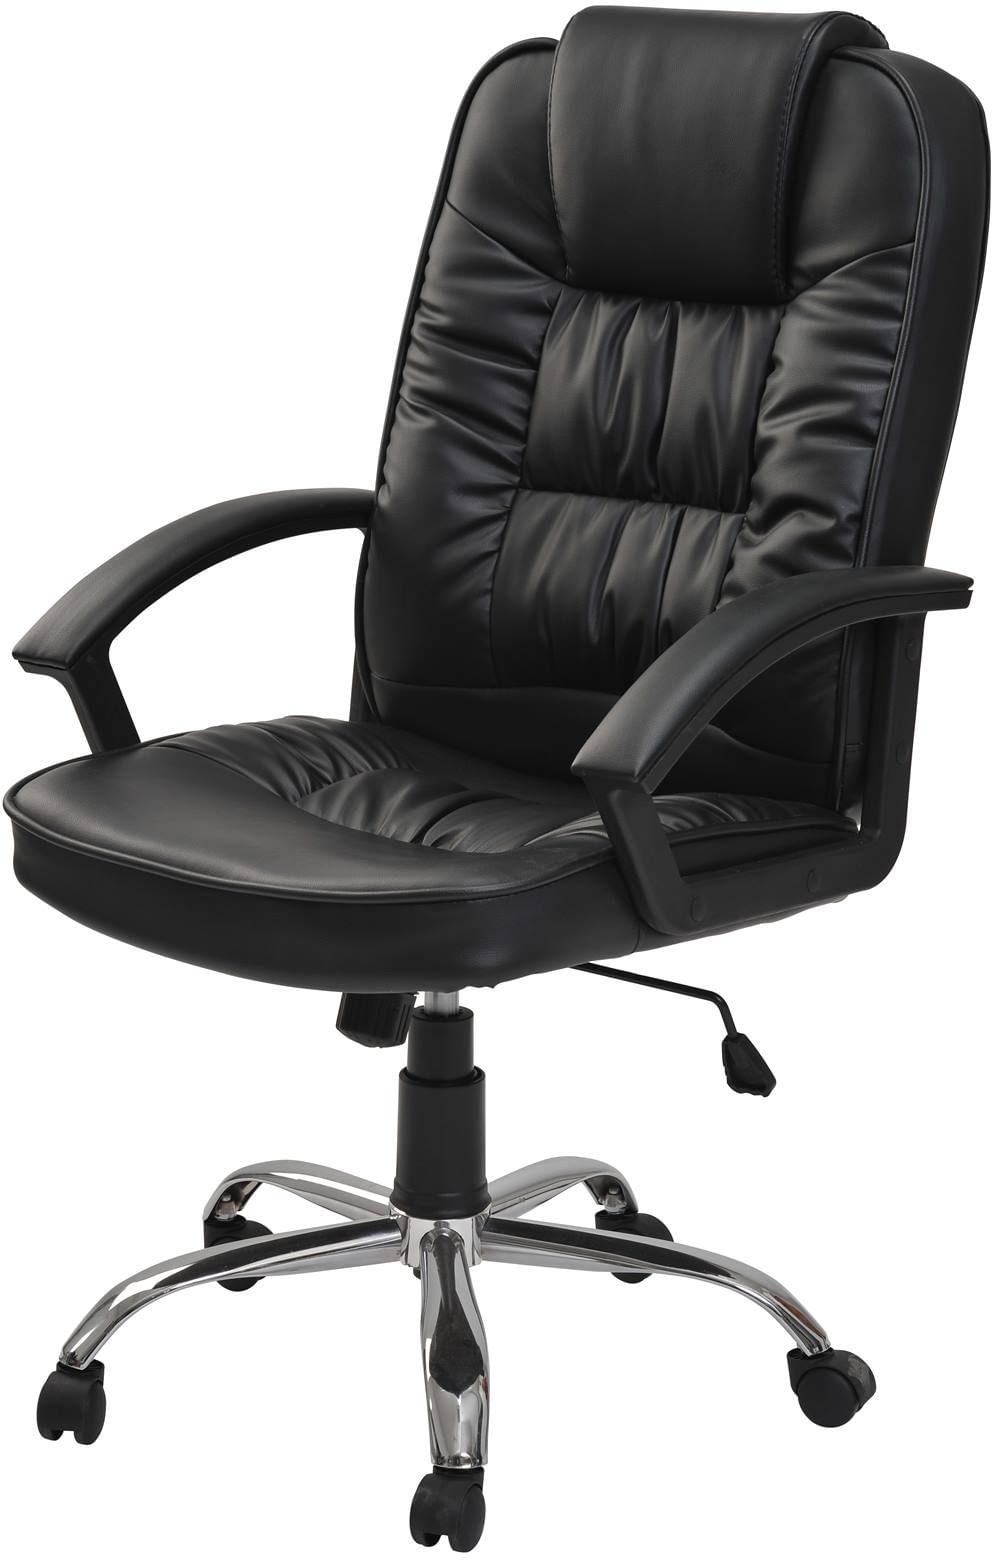 Cadeira Escritorio Albert Baixa Preta 1,20 MT (ALT) - 43441